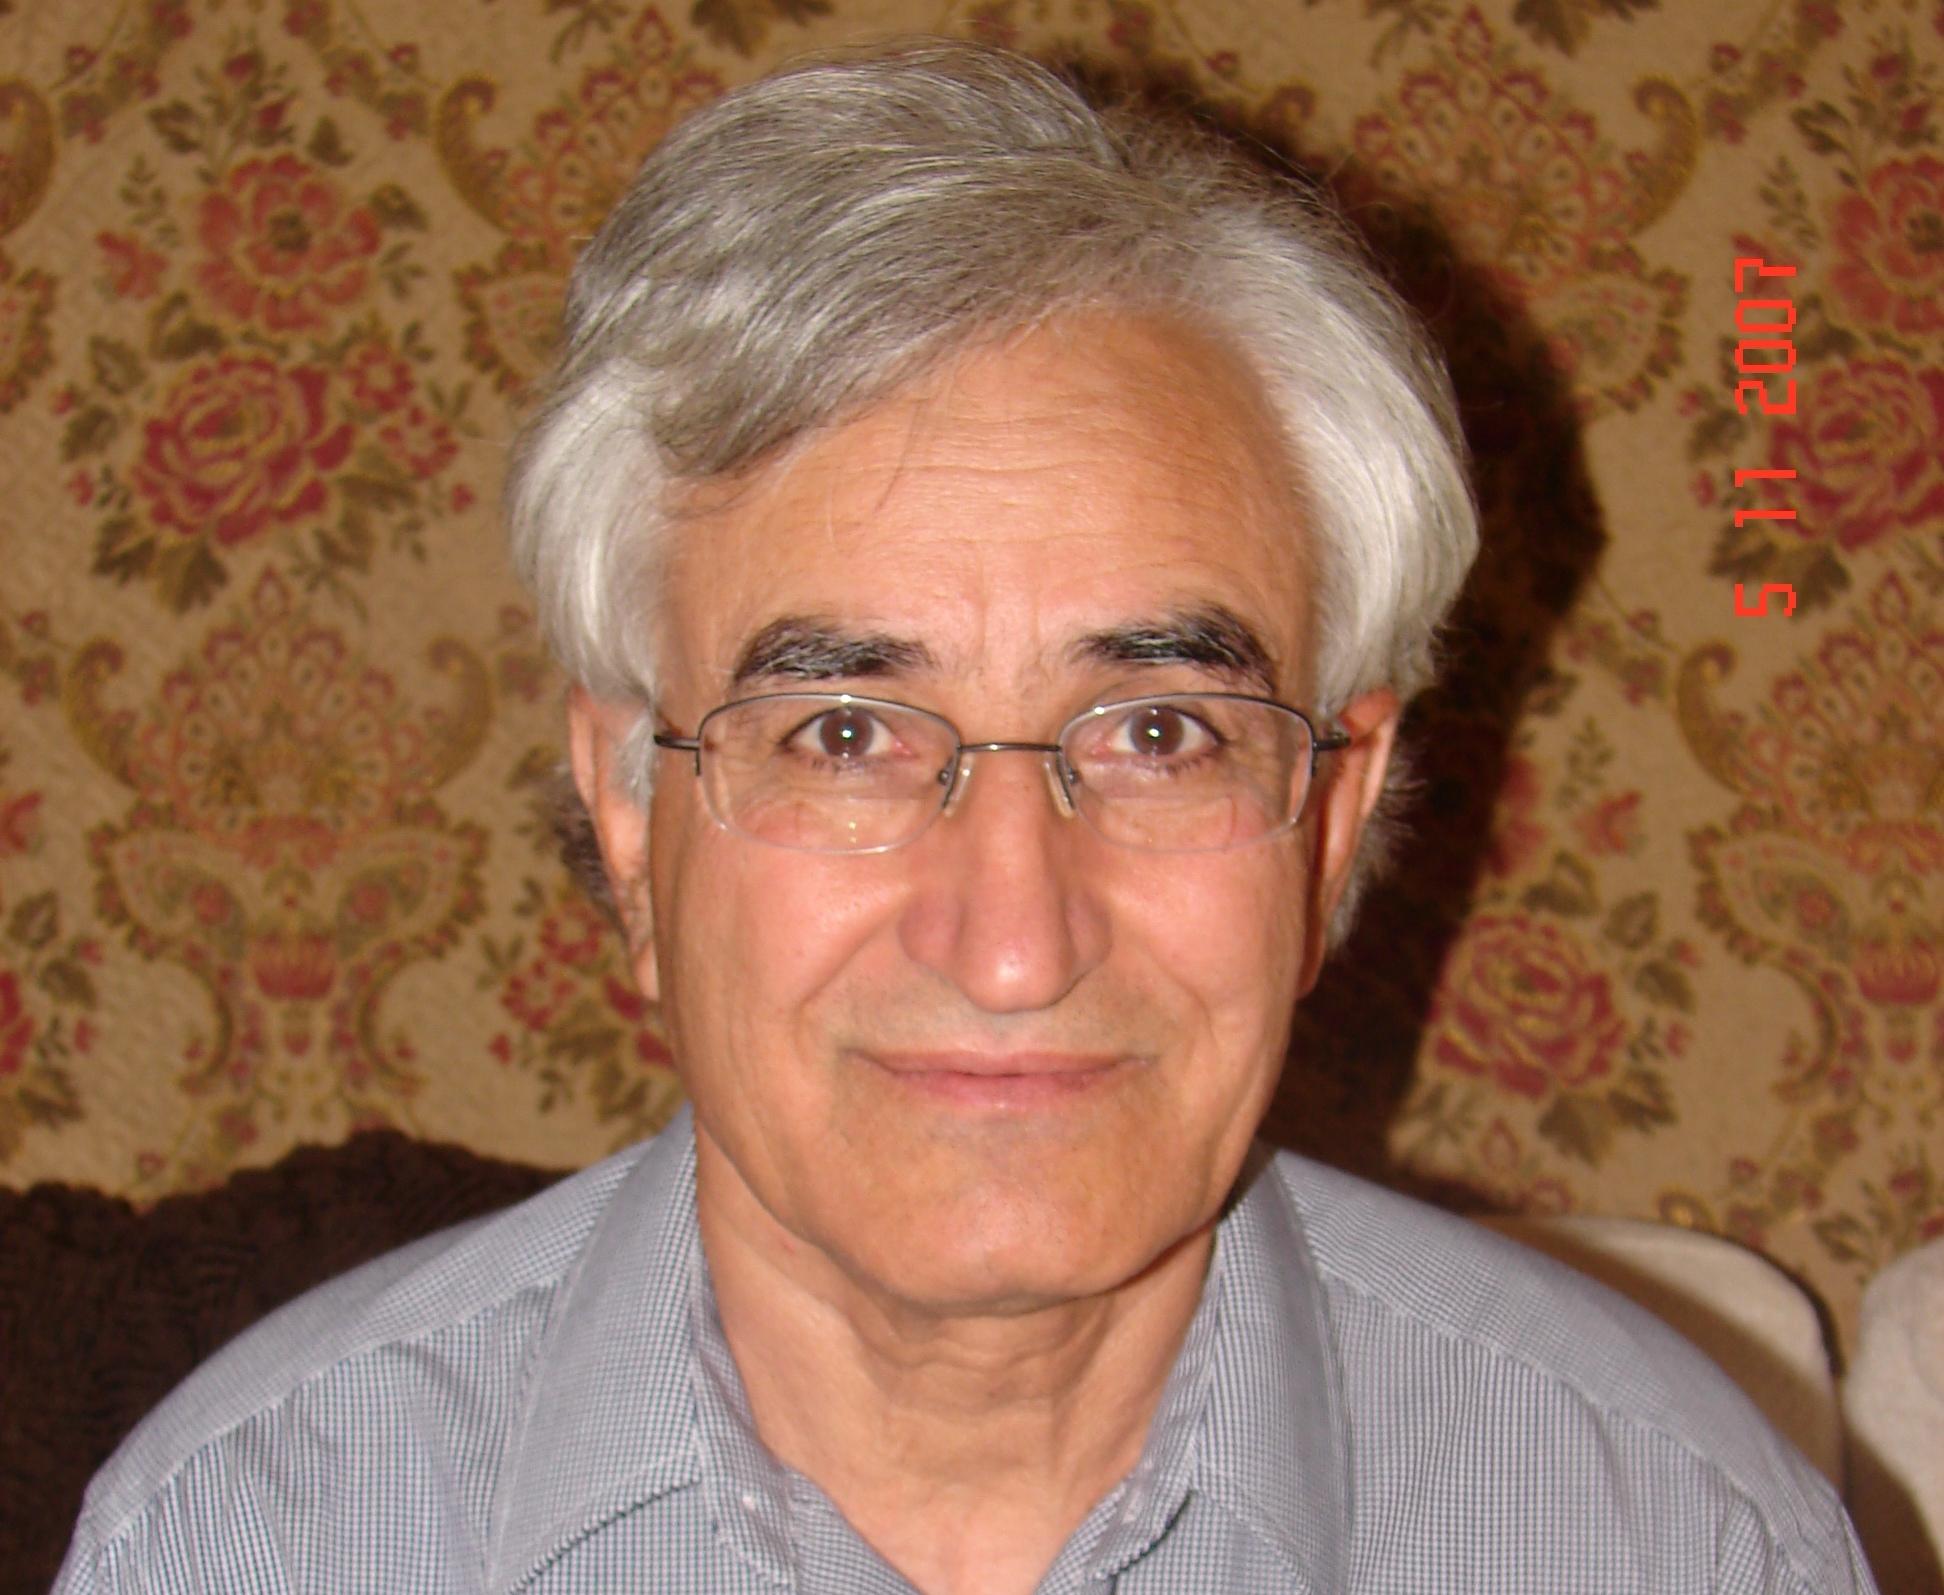 بهروز ستوده: آیا جمهوری اسلامی کمترازحکومت ارتیره علیه بشریت مرتکب جنایت شده است!؟